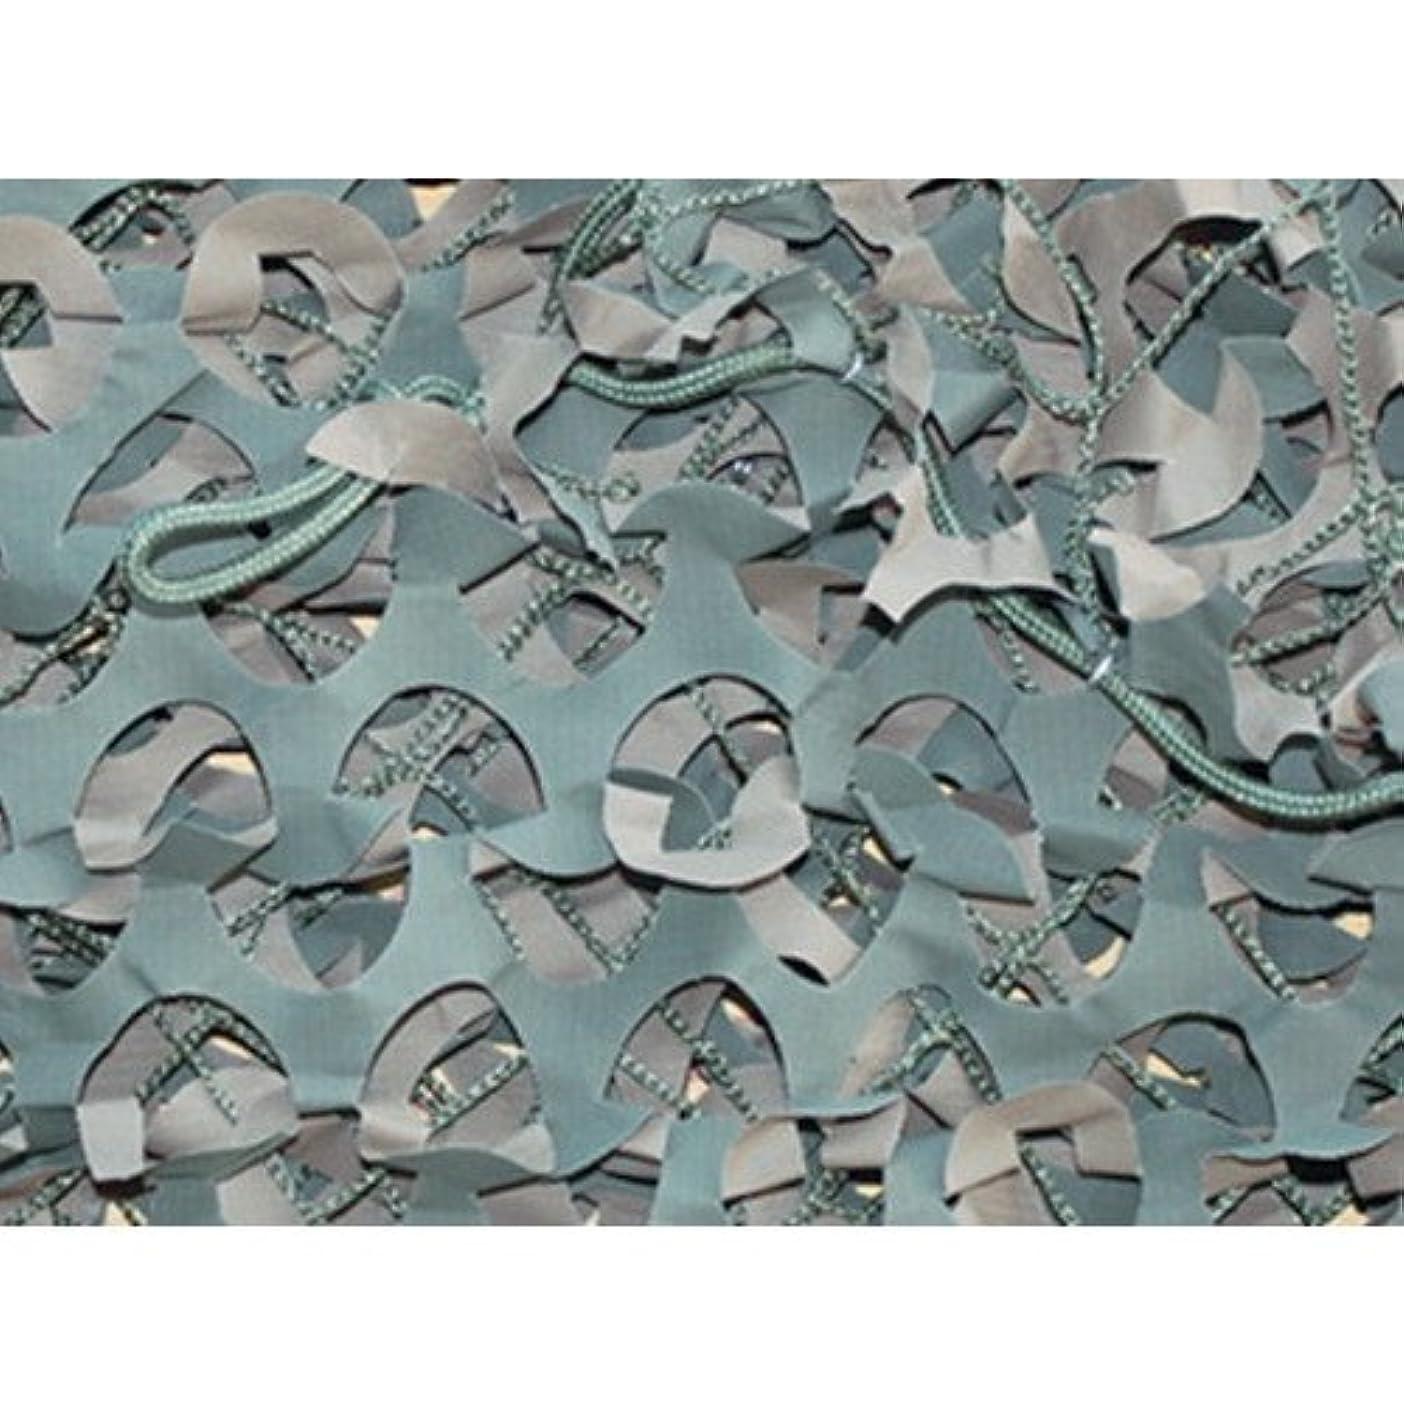 エンドウモスク変数トラスコ中山 CAMO プレミアム レギュラーXミリタリー グリーン&ブラウン 1.8mX6m SP08GB